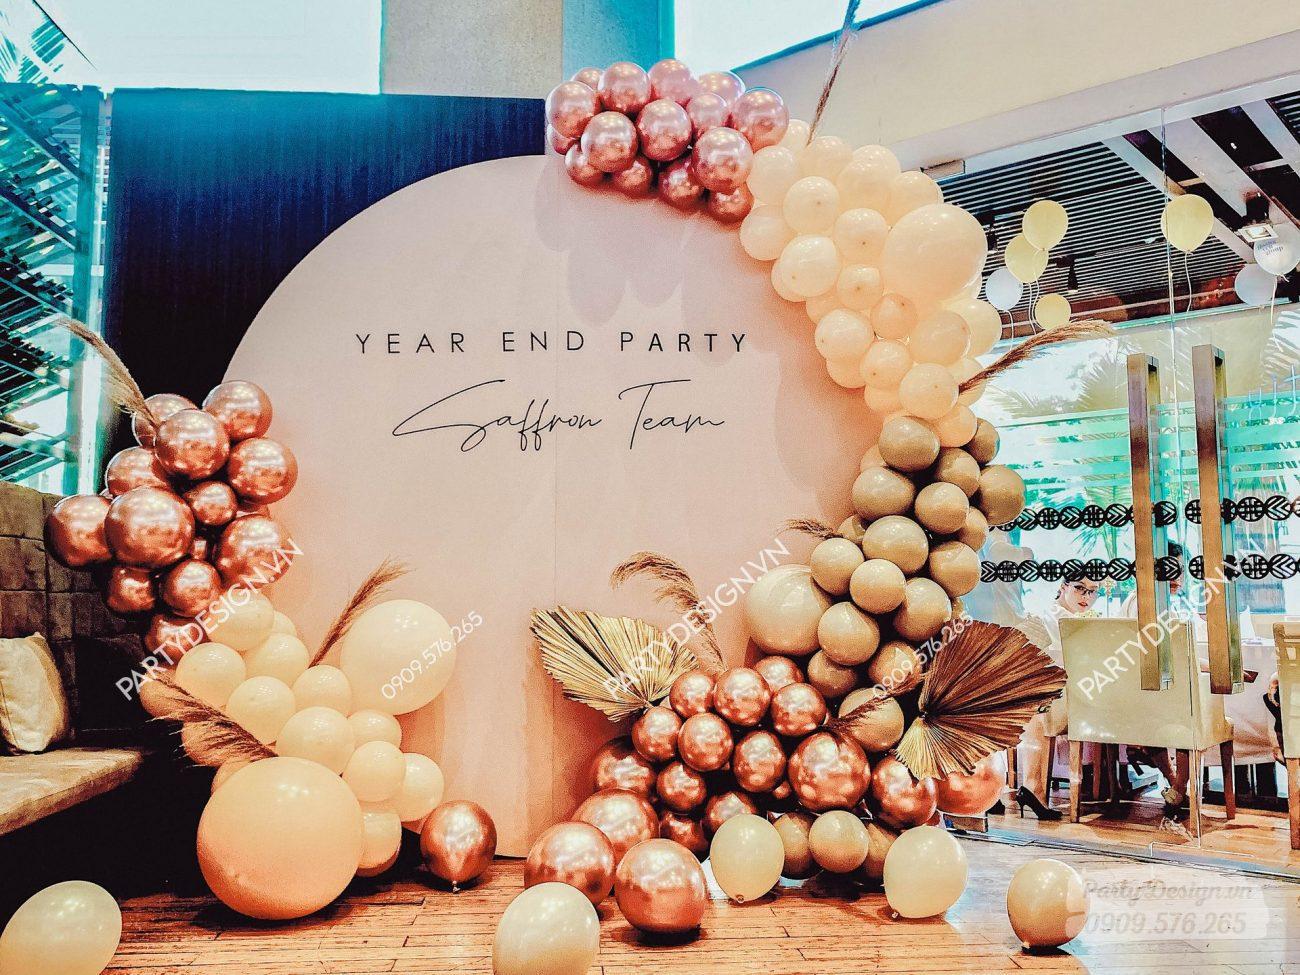 Trang trí Year End Party bong bóng rose gold, hoa khô, lá cọ, tinh tế sang trọng team Saffron.